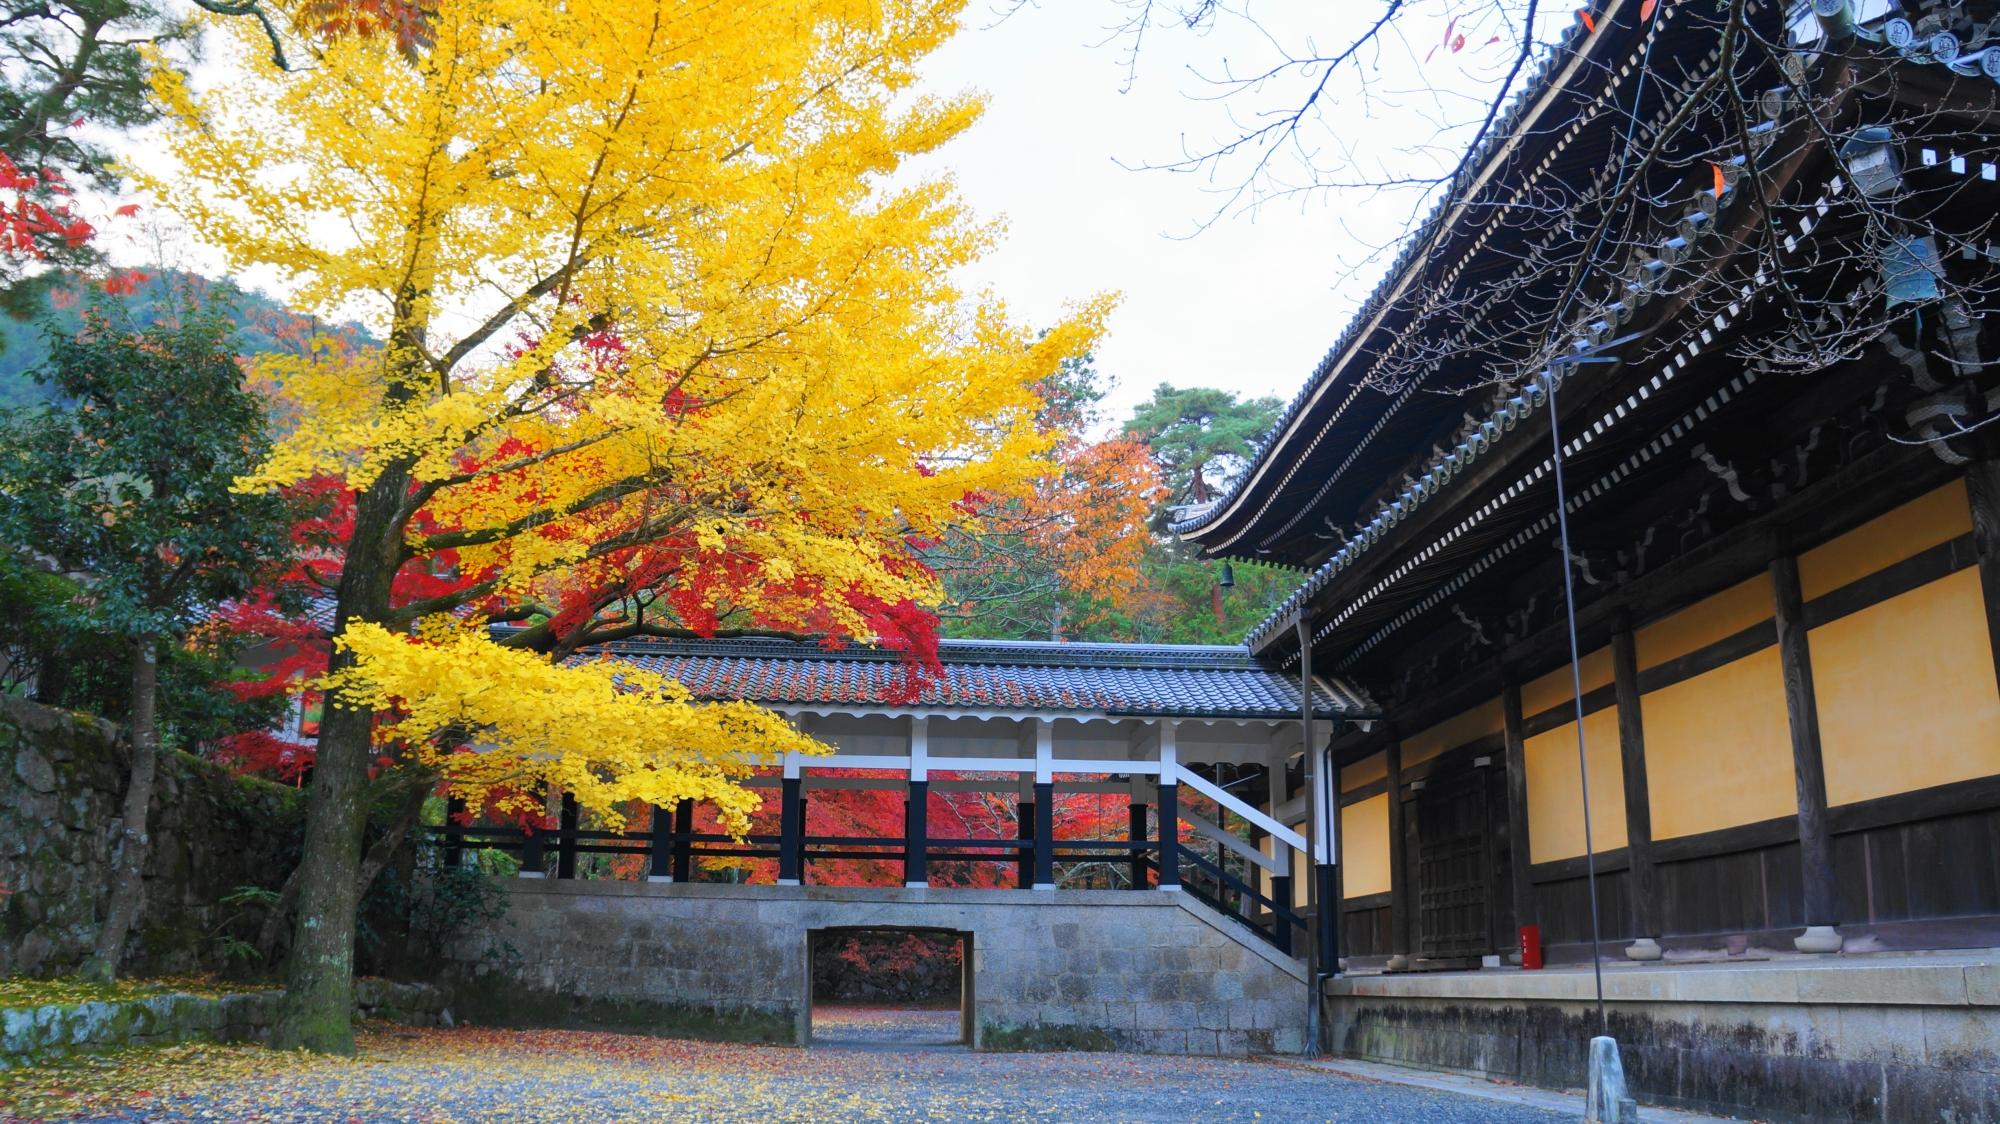 南禅寺独特の白黒の回廊と法堂を彩る華やかで多彩な秋色